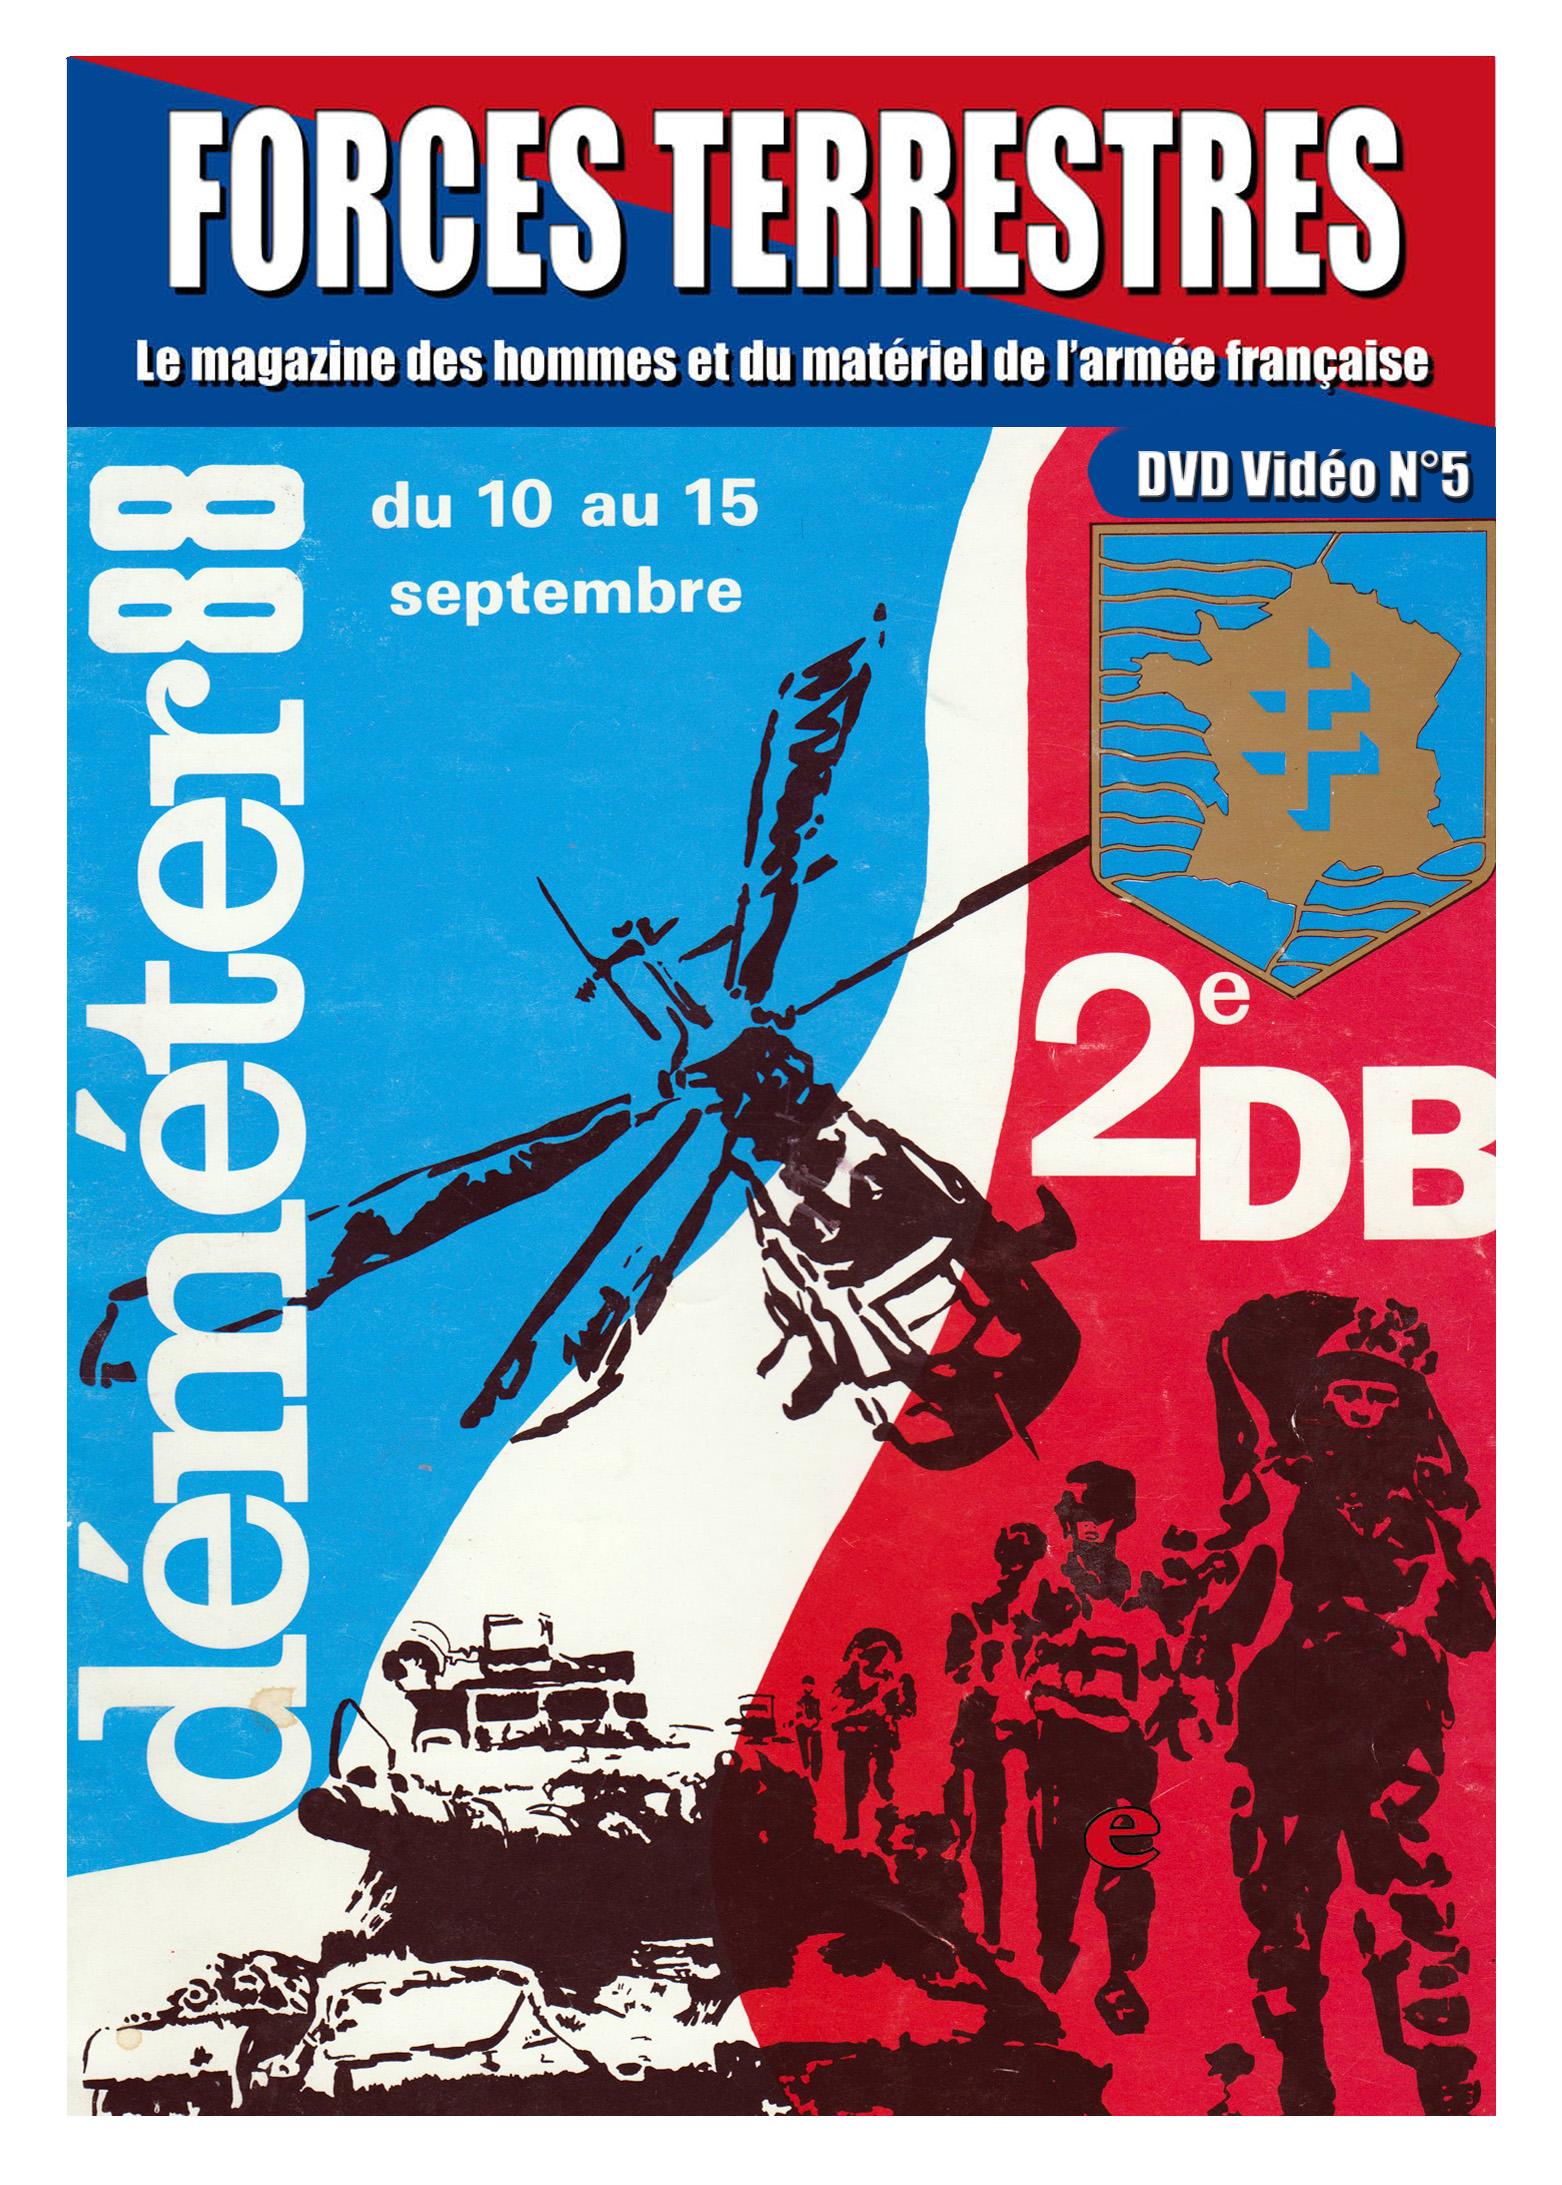 DVD Vidéos n°5 DEMETER 88